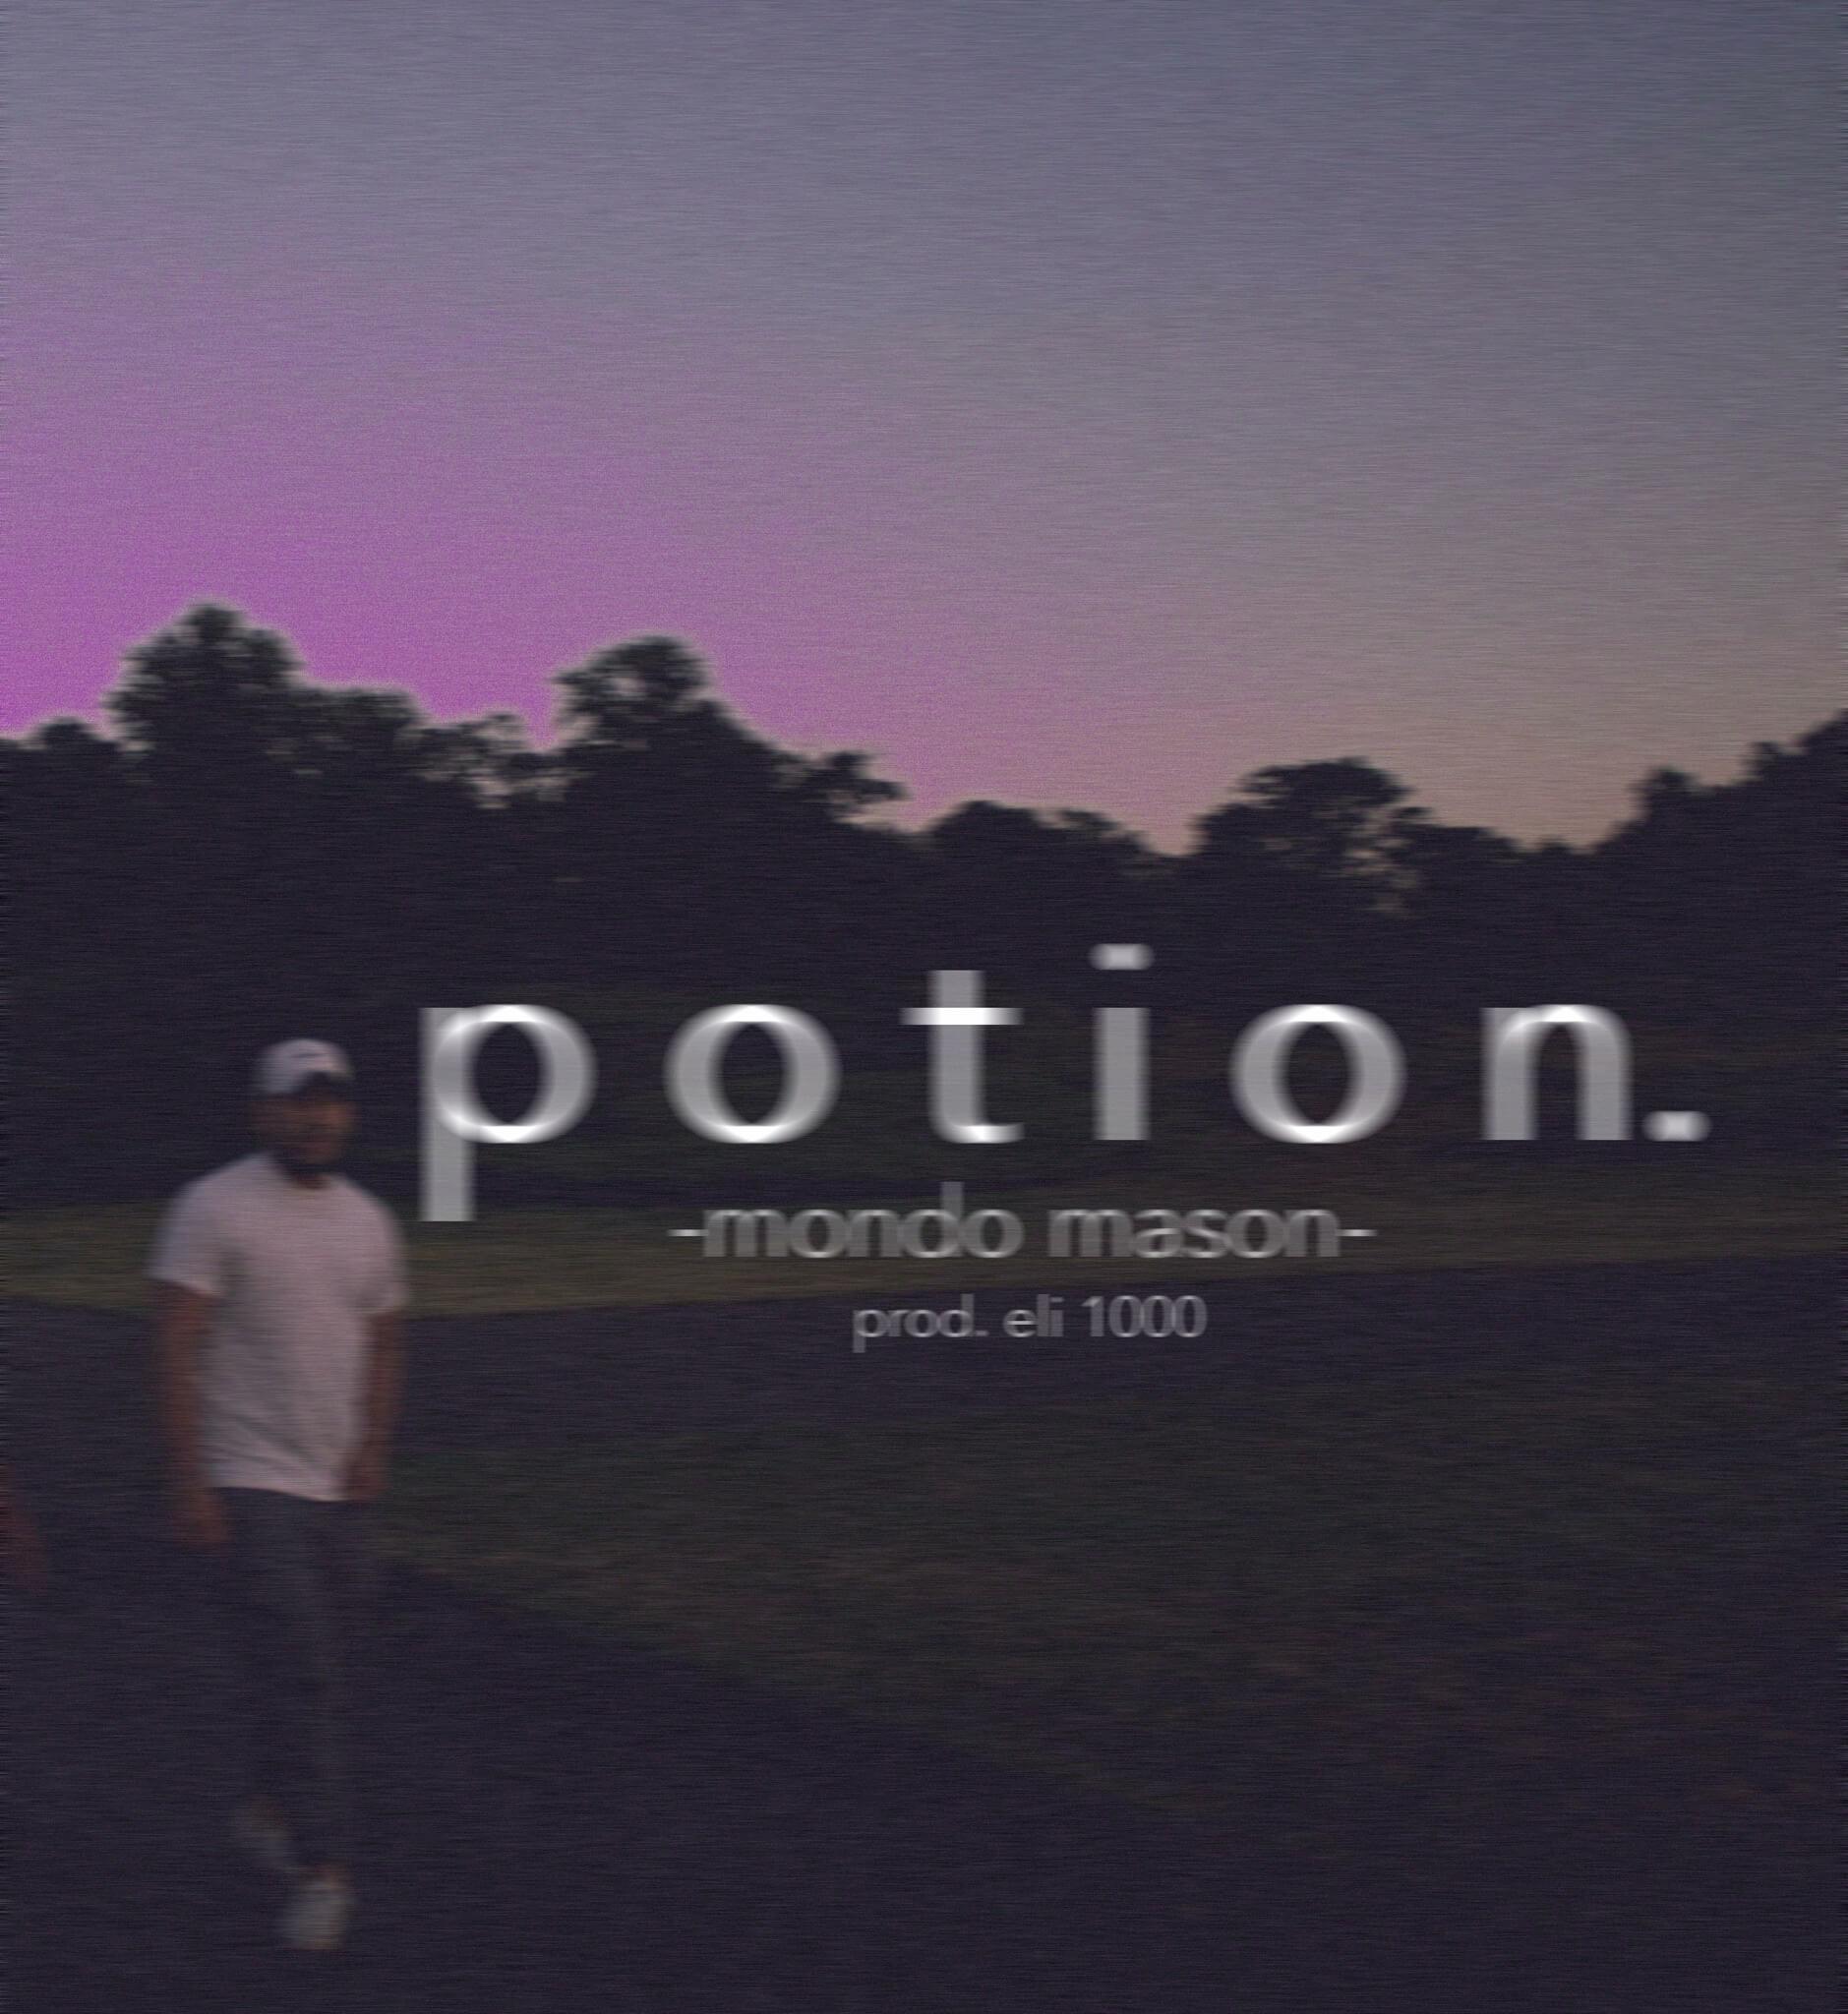 Mondo Mason